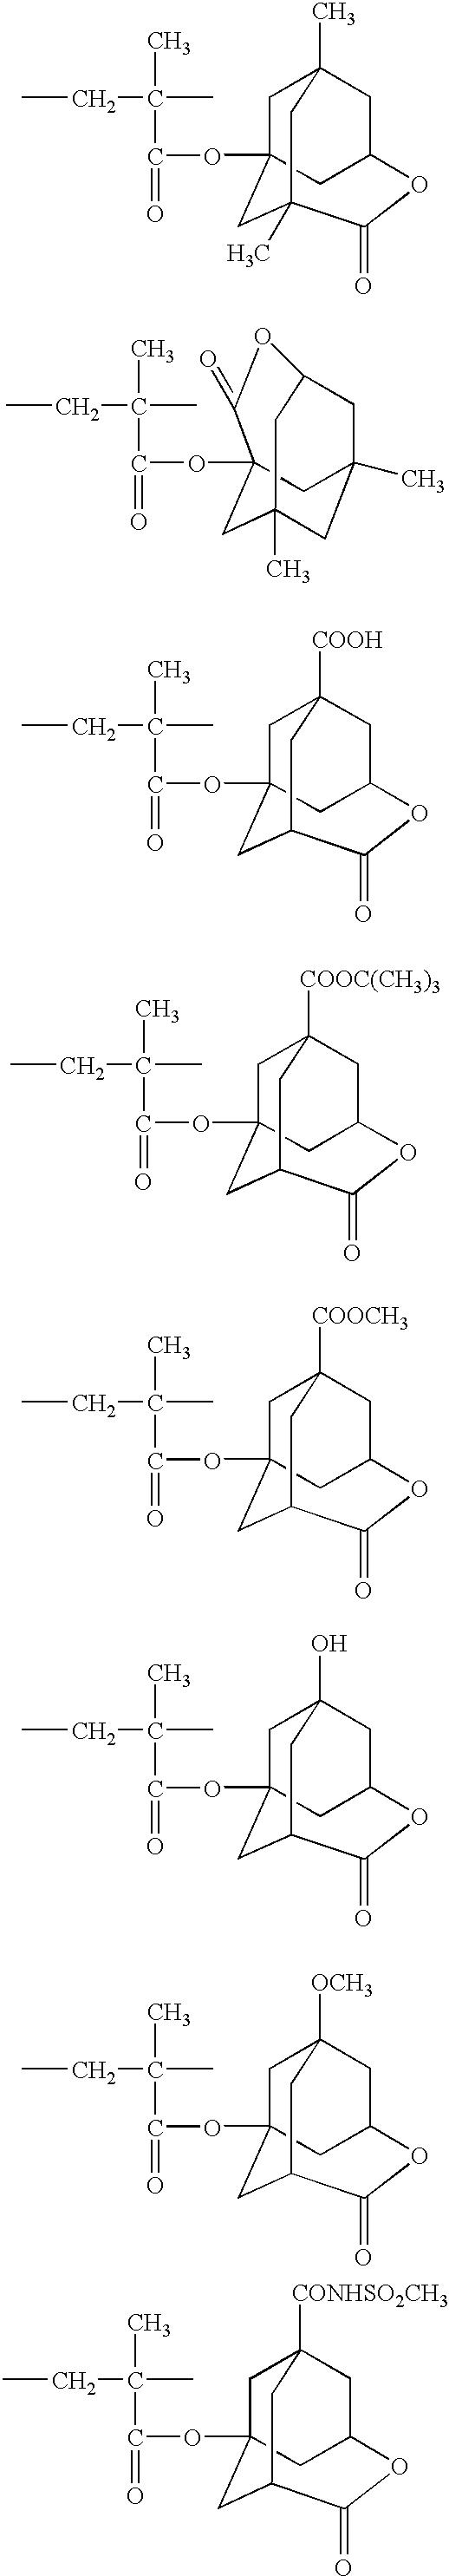 Figure US06492091-20021210-C00047